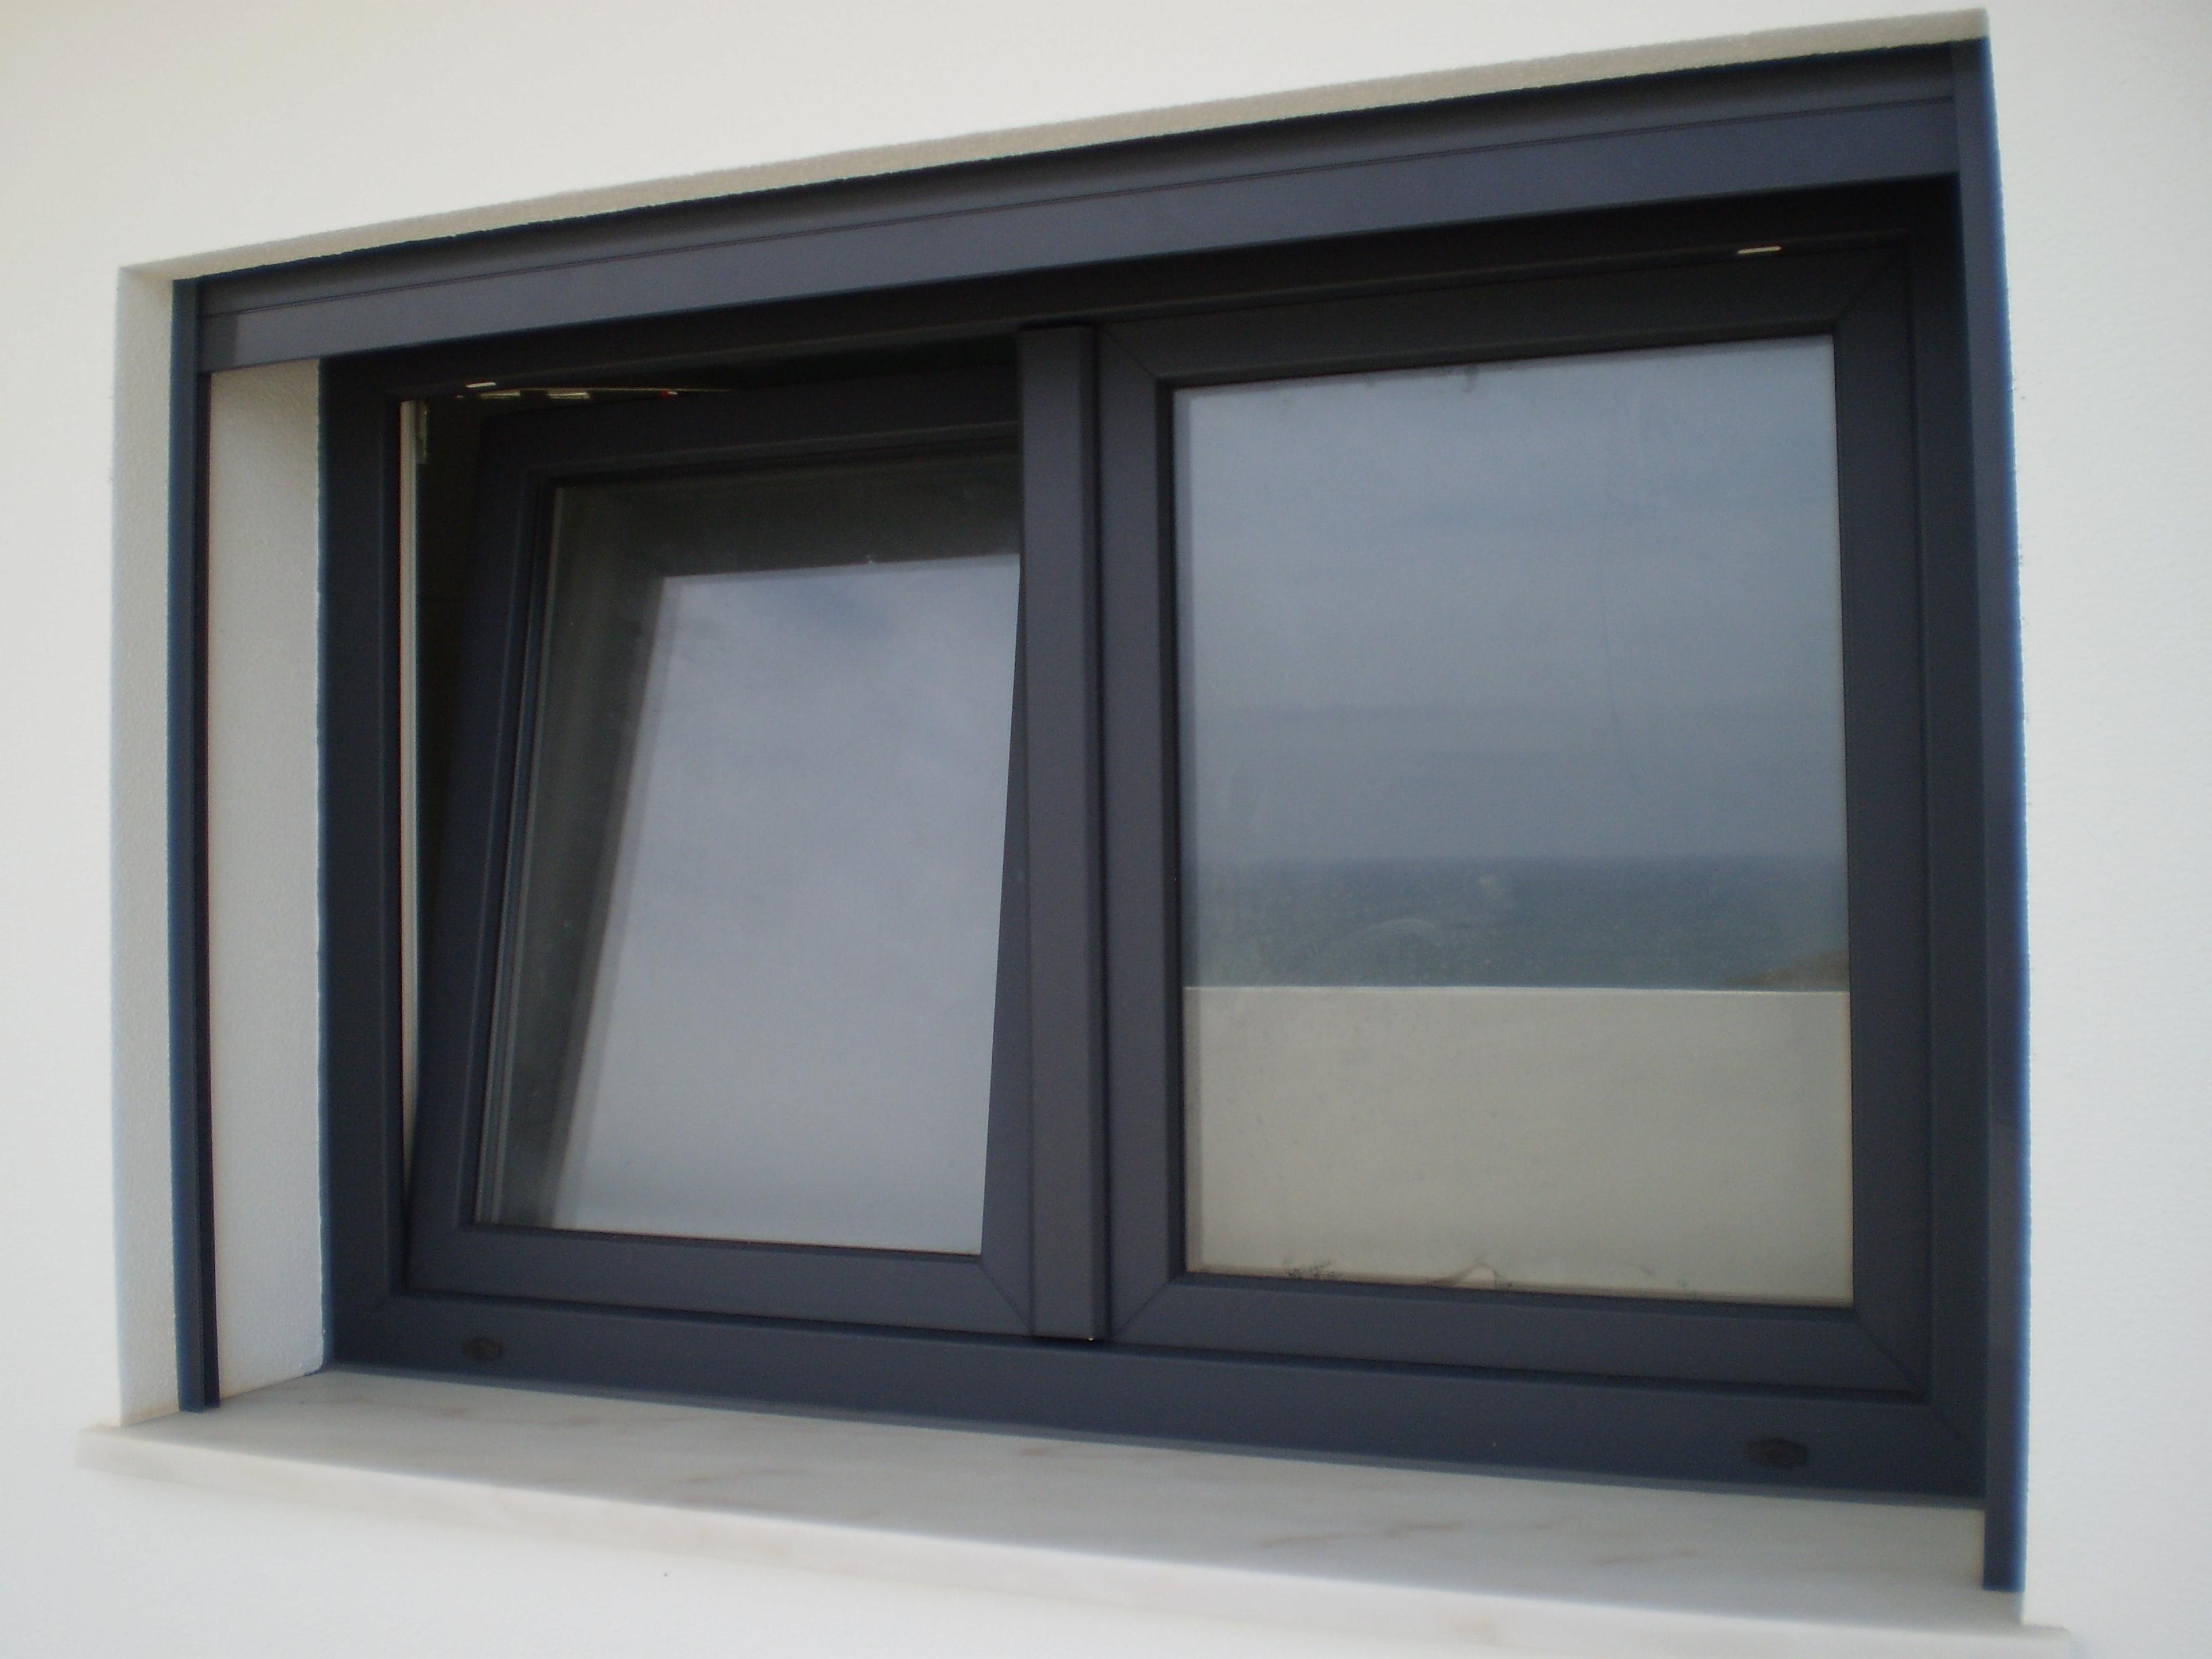 #454D5B PVC Uma Excelente Opção Para Remodelação 472 Janelas Duplas Isolamento Acustico